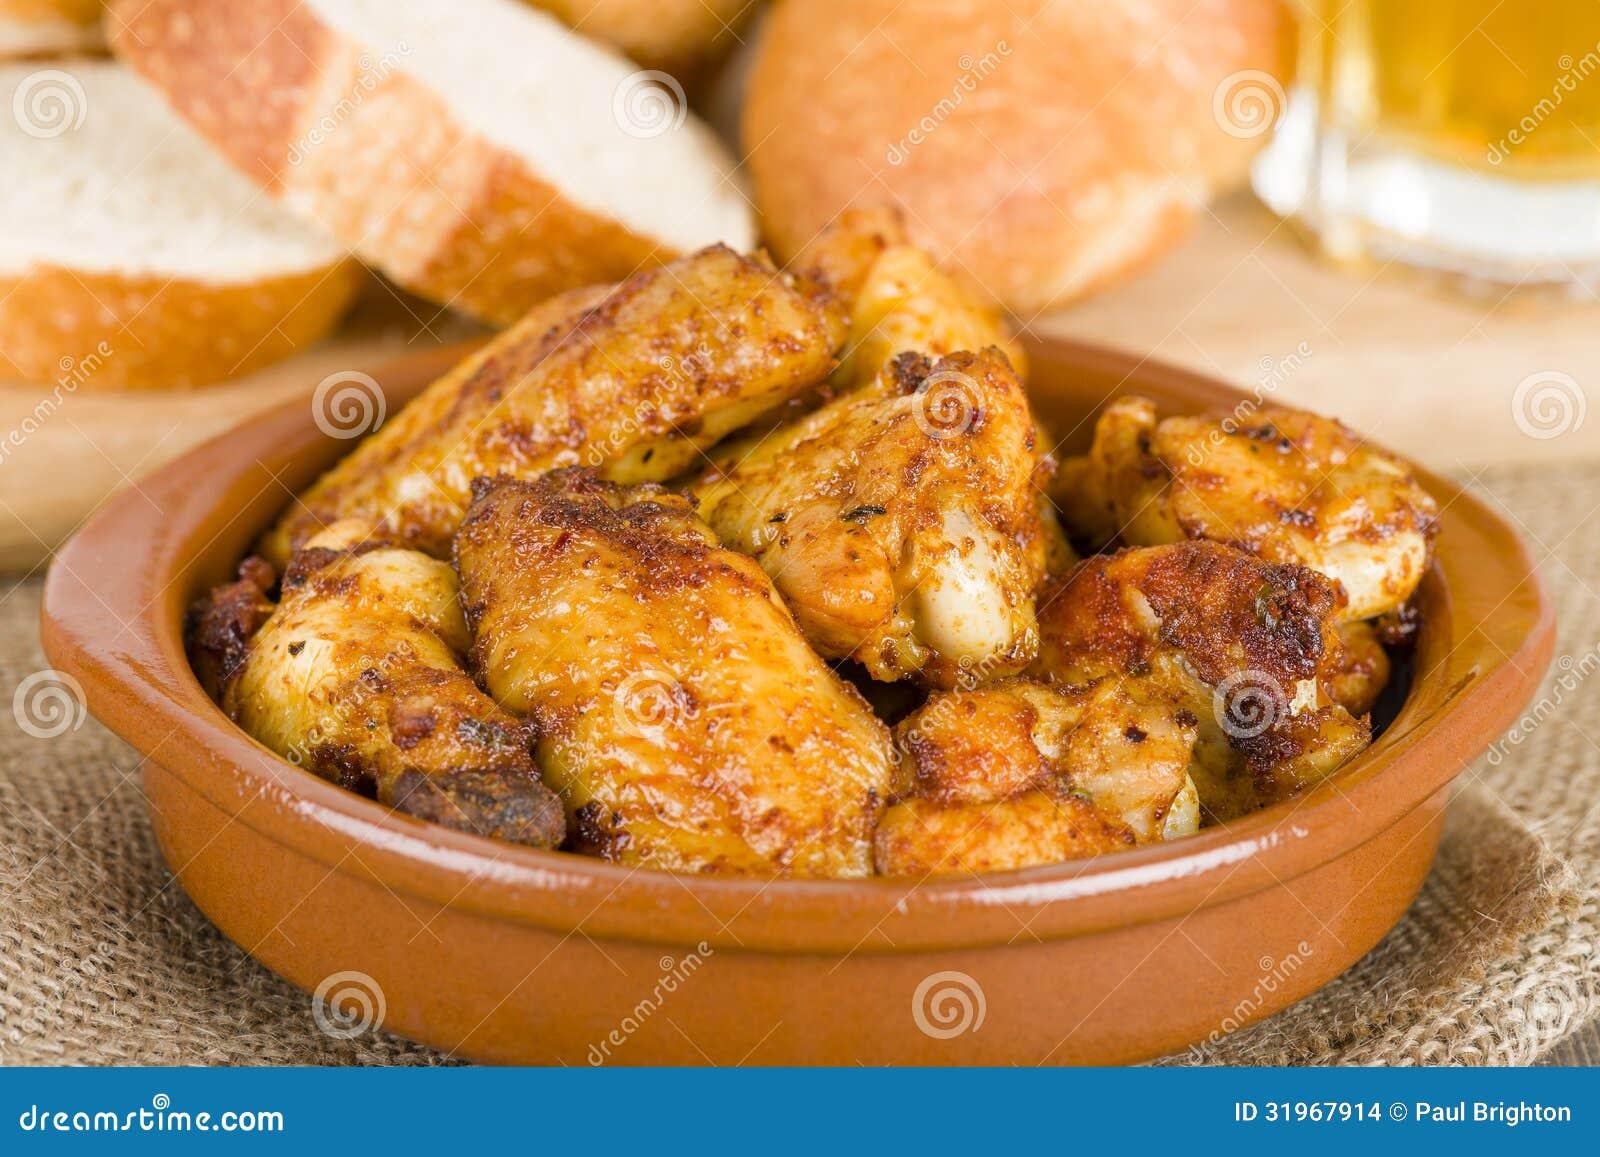 tapas de pollo